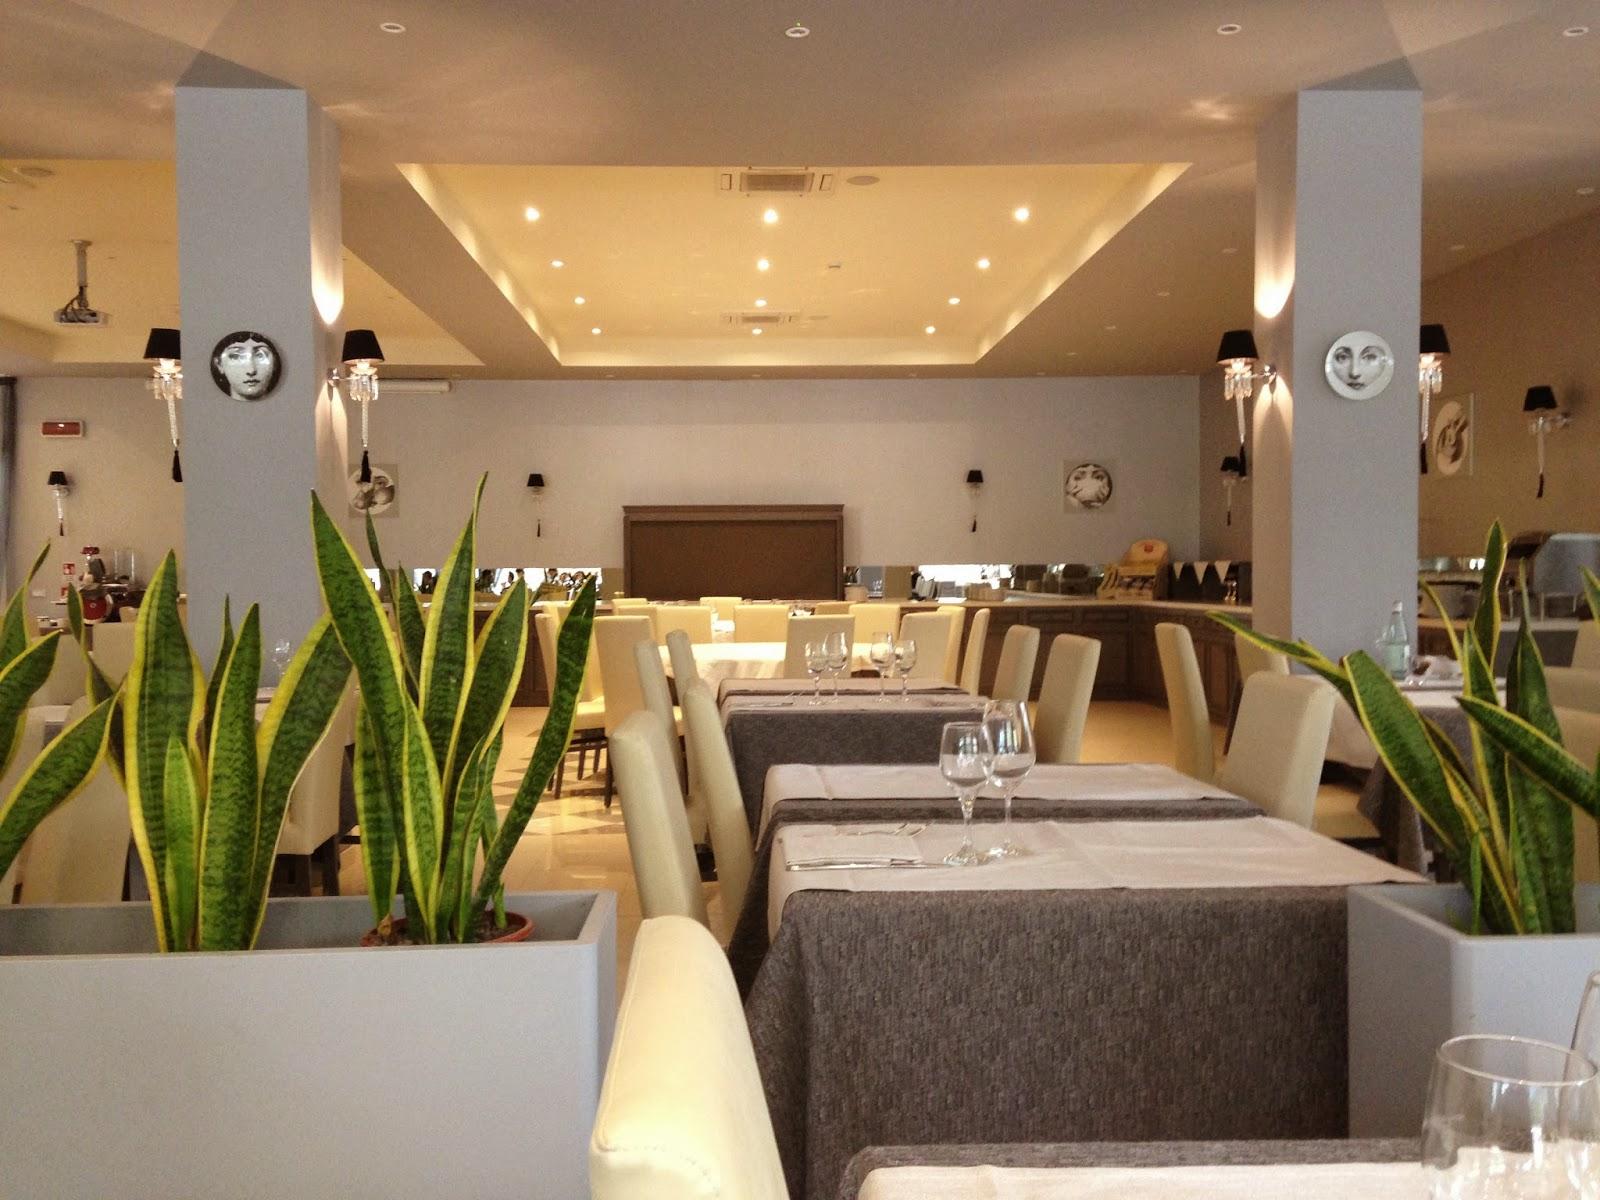 Bologna e non solo hotel ristorante calzavecchio for Hotel casalecchio bologna